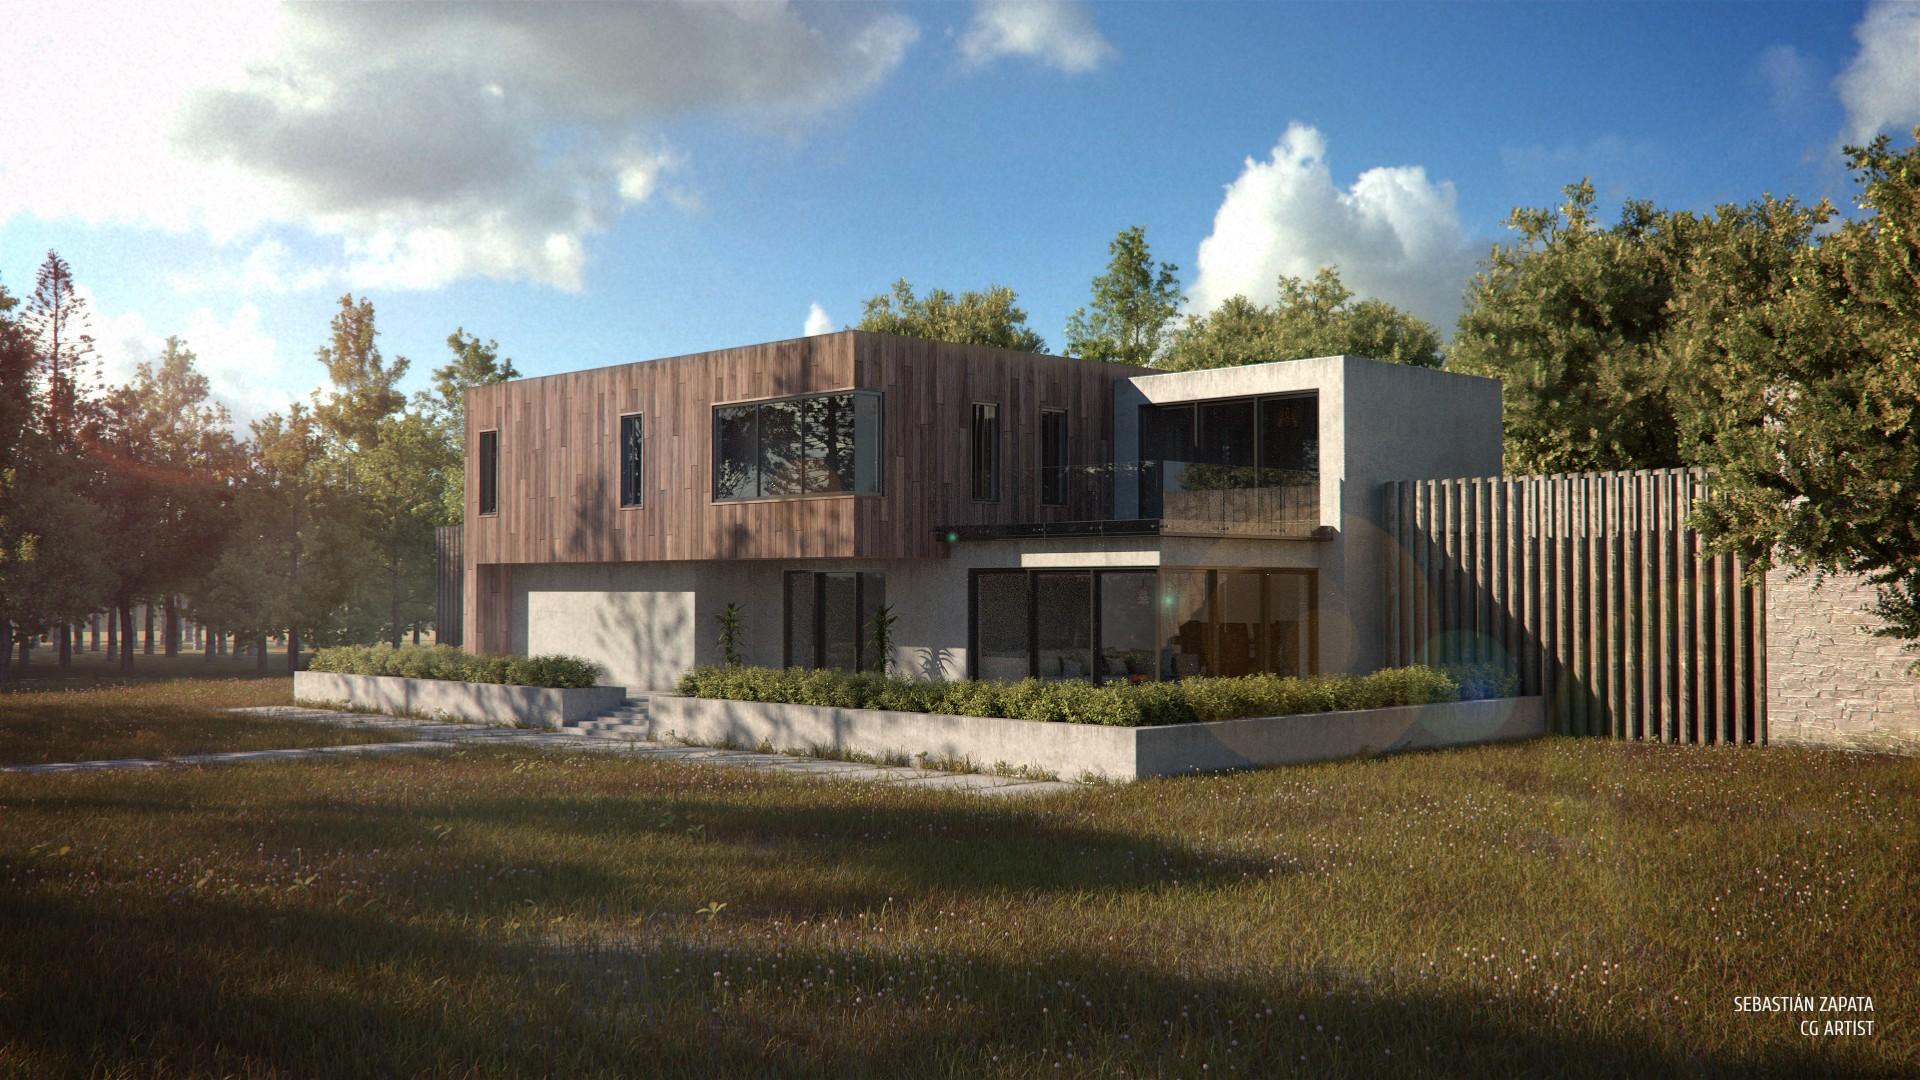 Modern house blendernation for This modern house